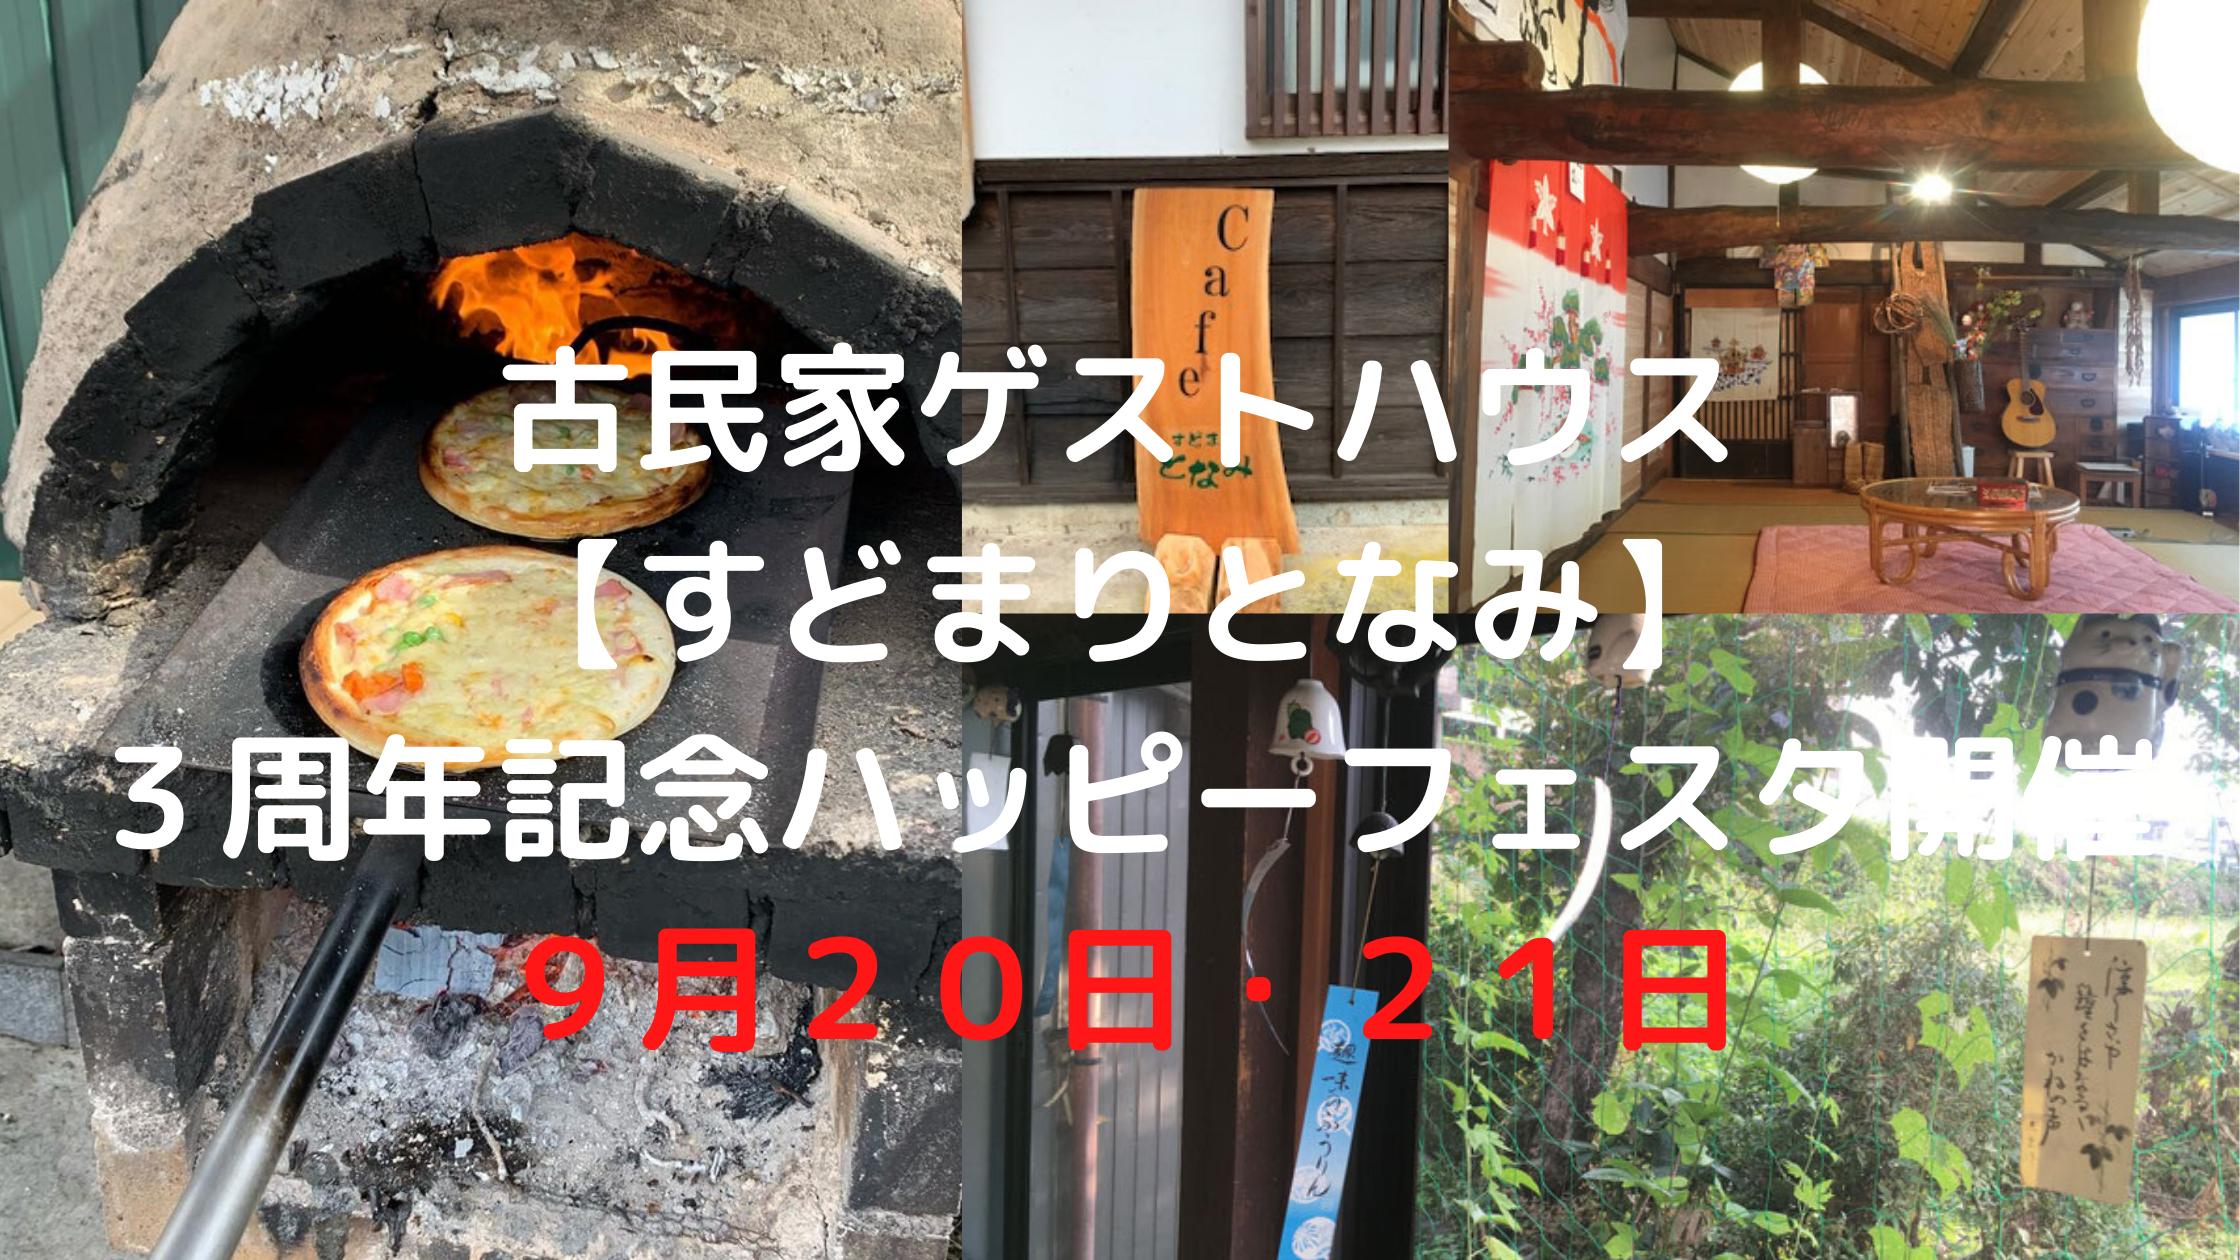 古民家ゲストハウス 【すどまりとなみ】 3周年記念ハッピーフェスタ開催